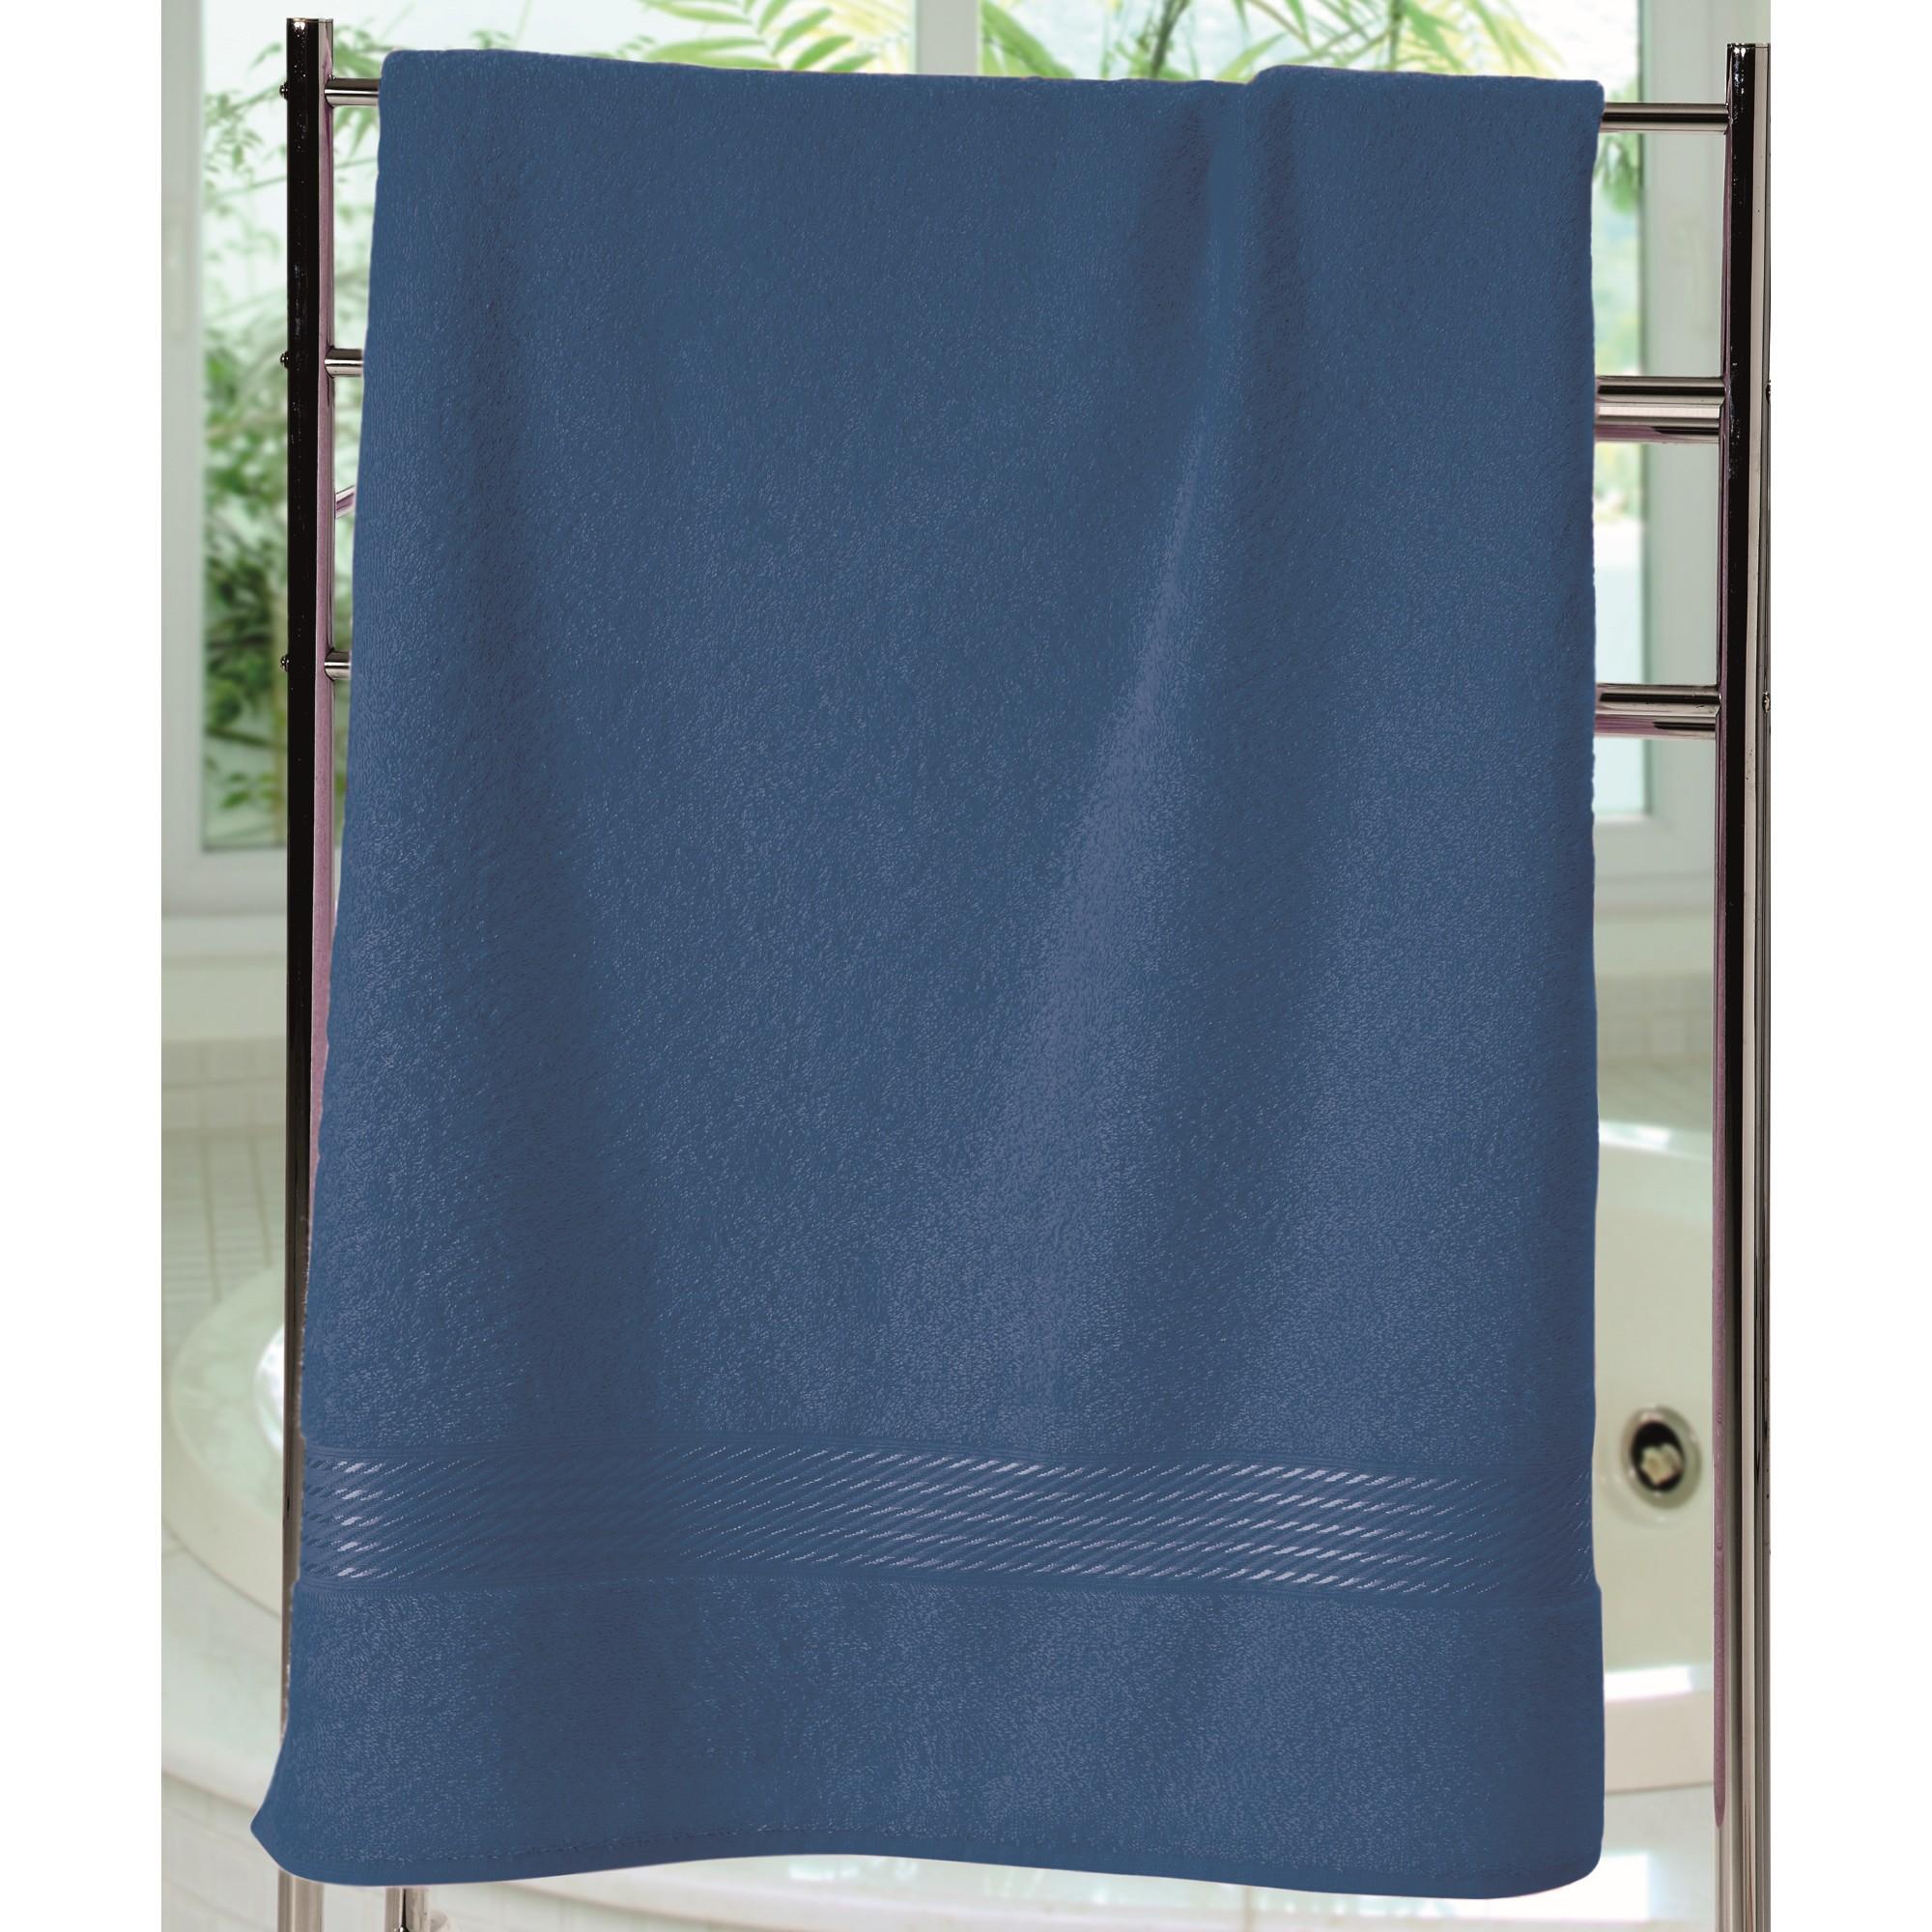 Toalha de Banho Felpudo Prisma Liso 70x140cm Azul - Dohler